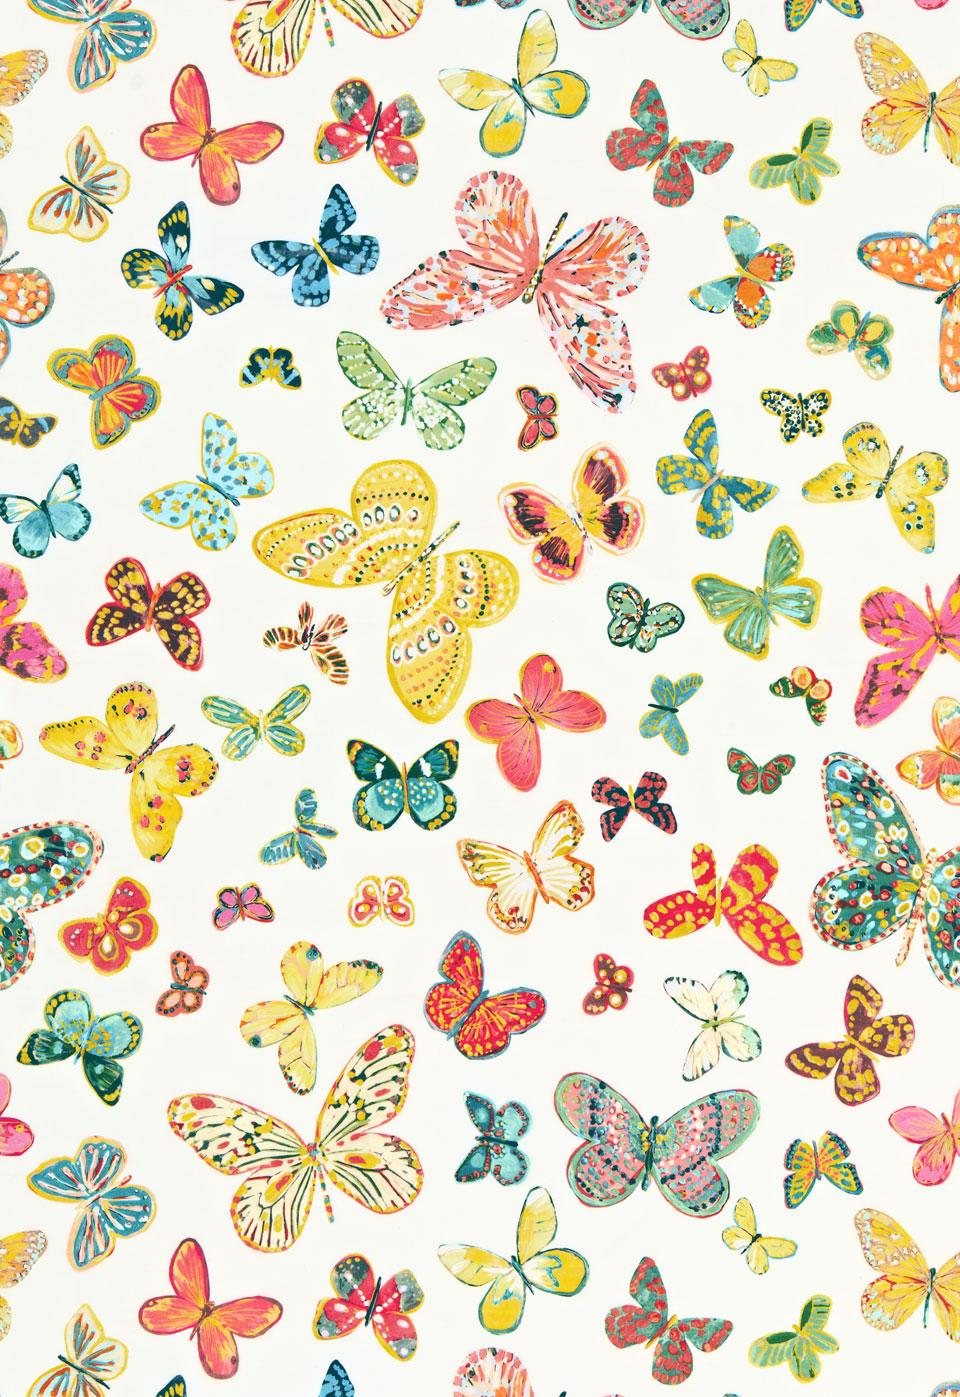 butterfly-schumacher-fabric-from-lulu-dk.jpg